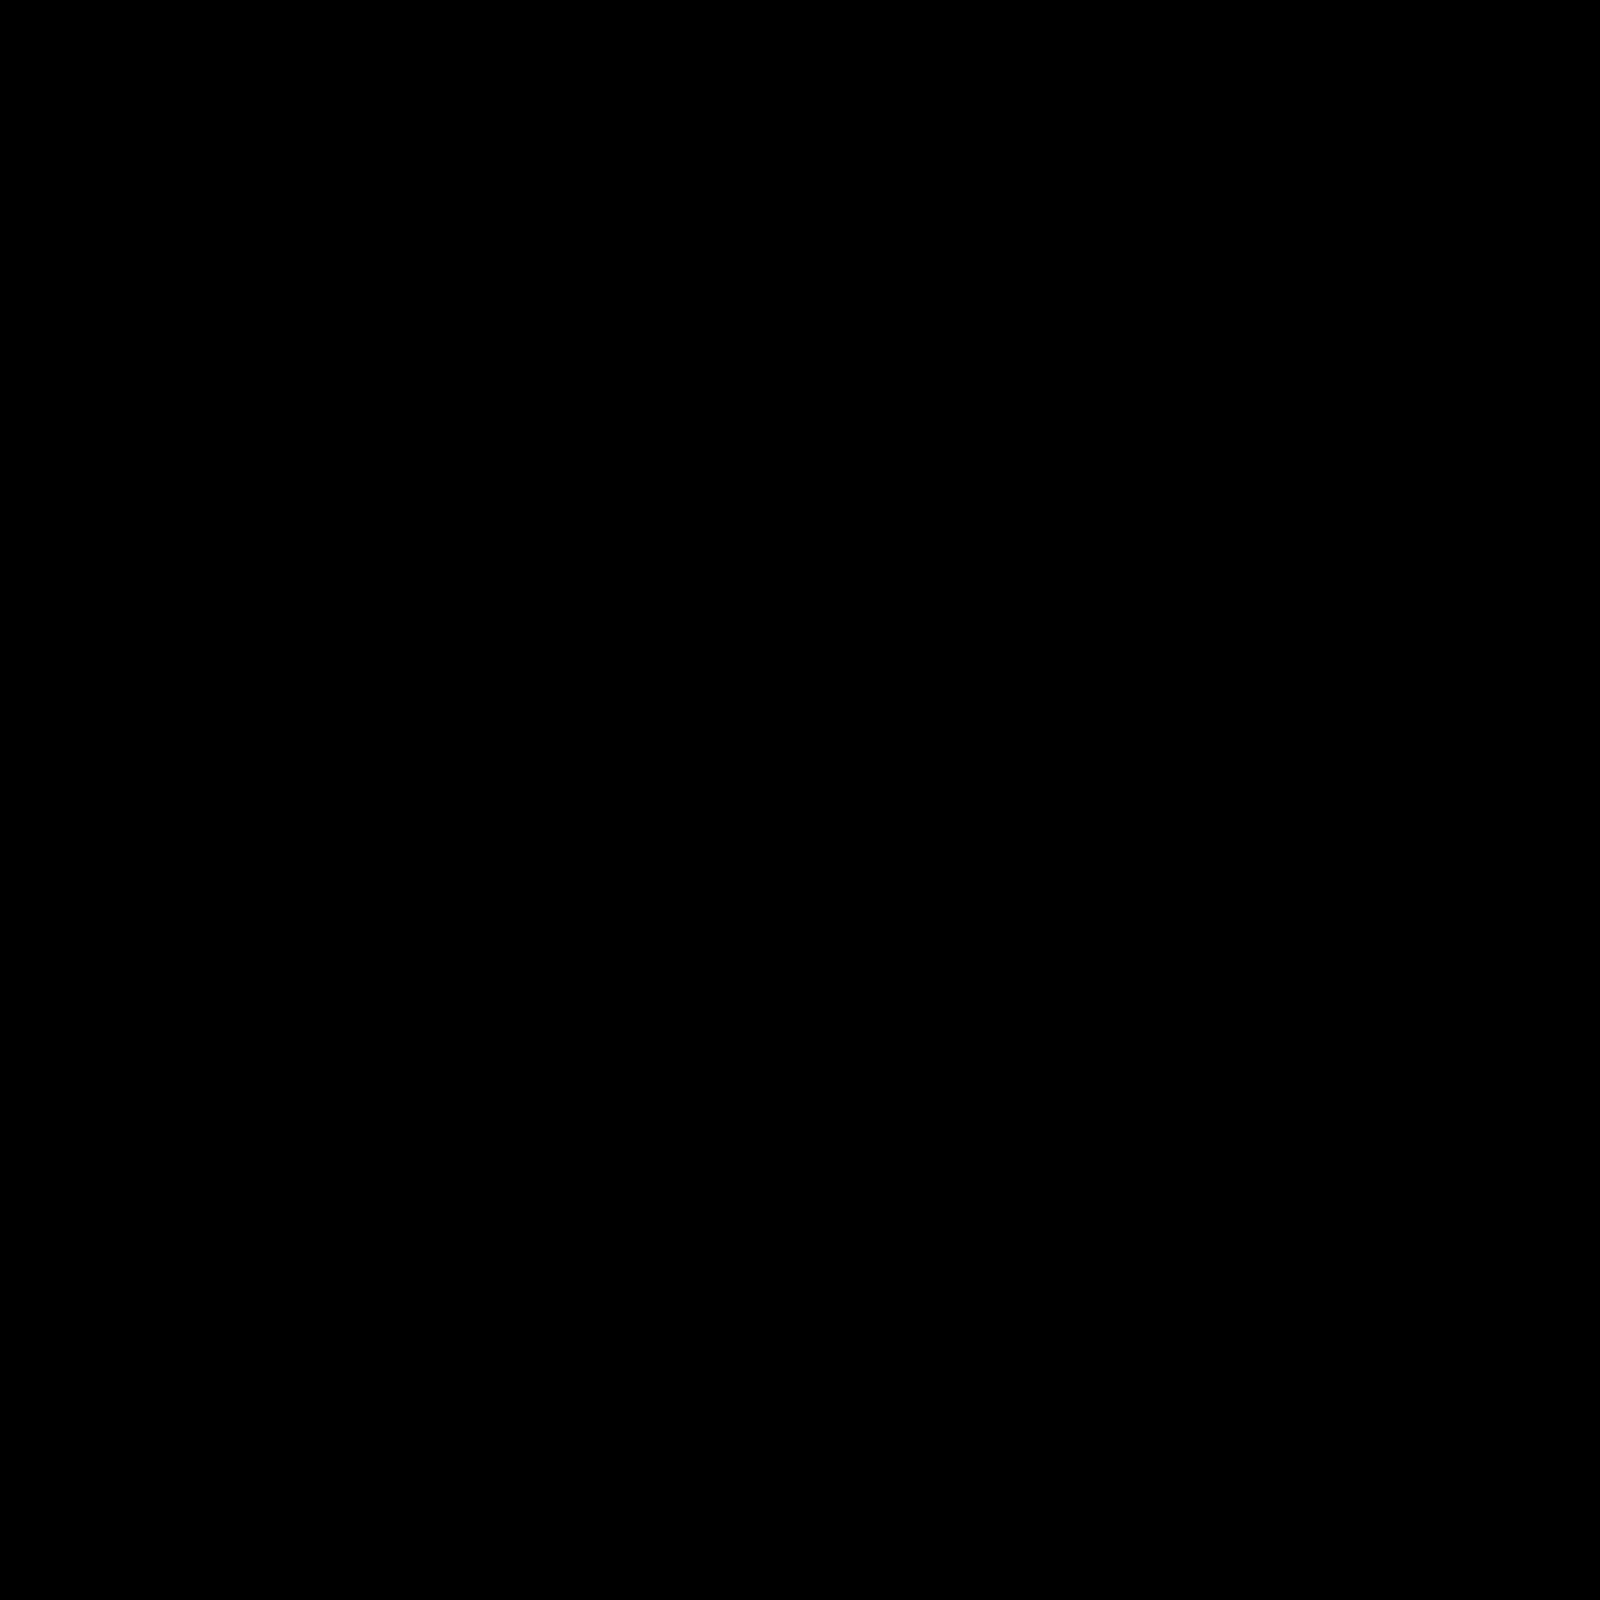 Telefono de oficina icono. Telephone clipart vector